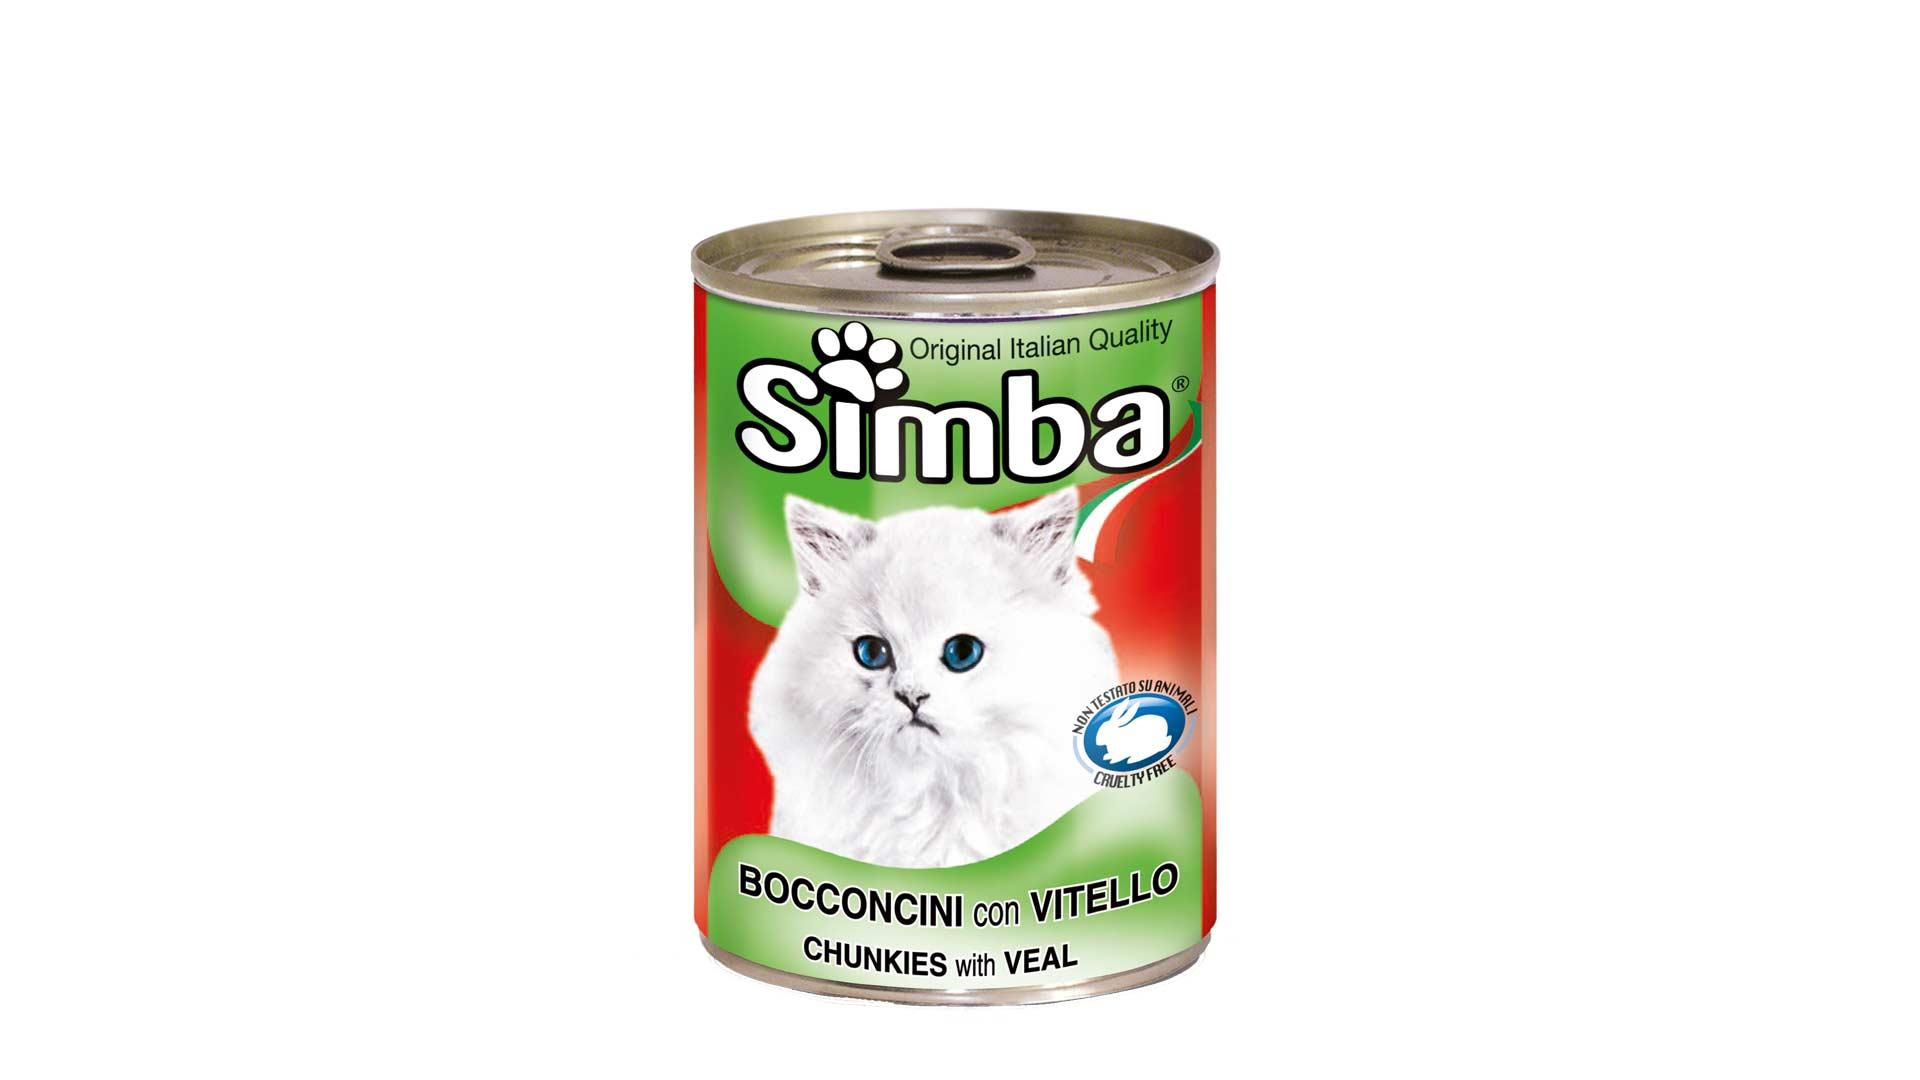 immagine in evidenza della pagina Bocconcini con vitello simba